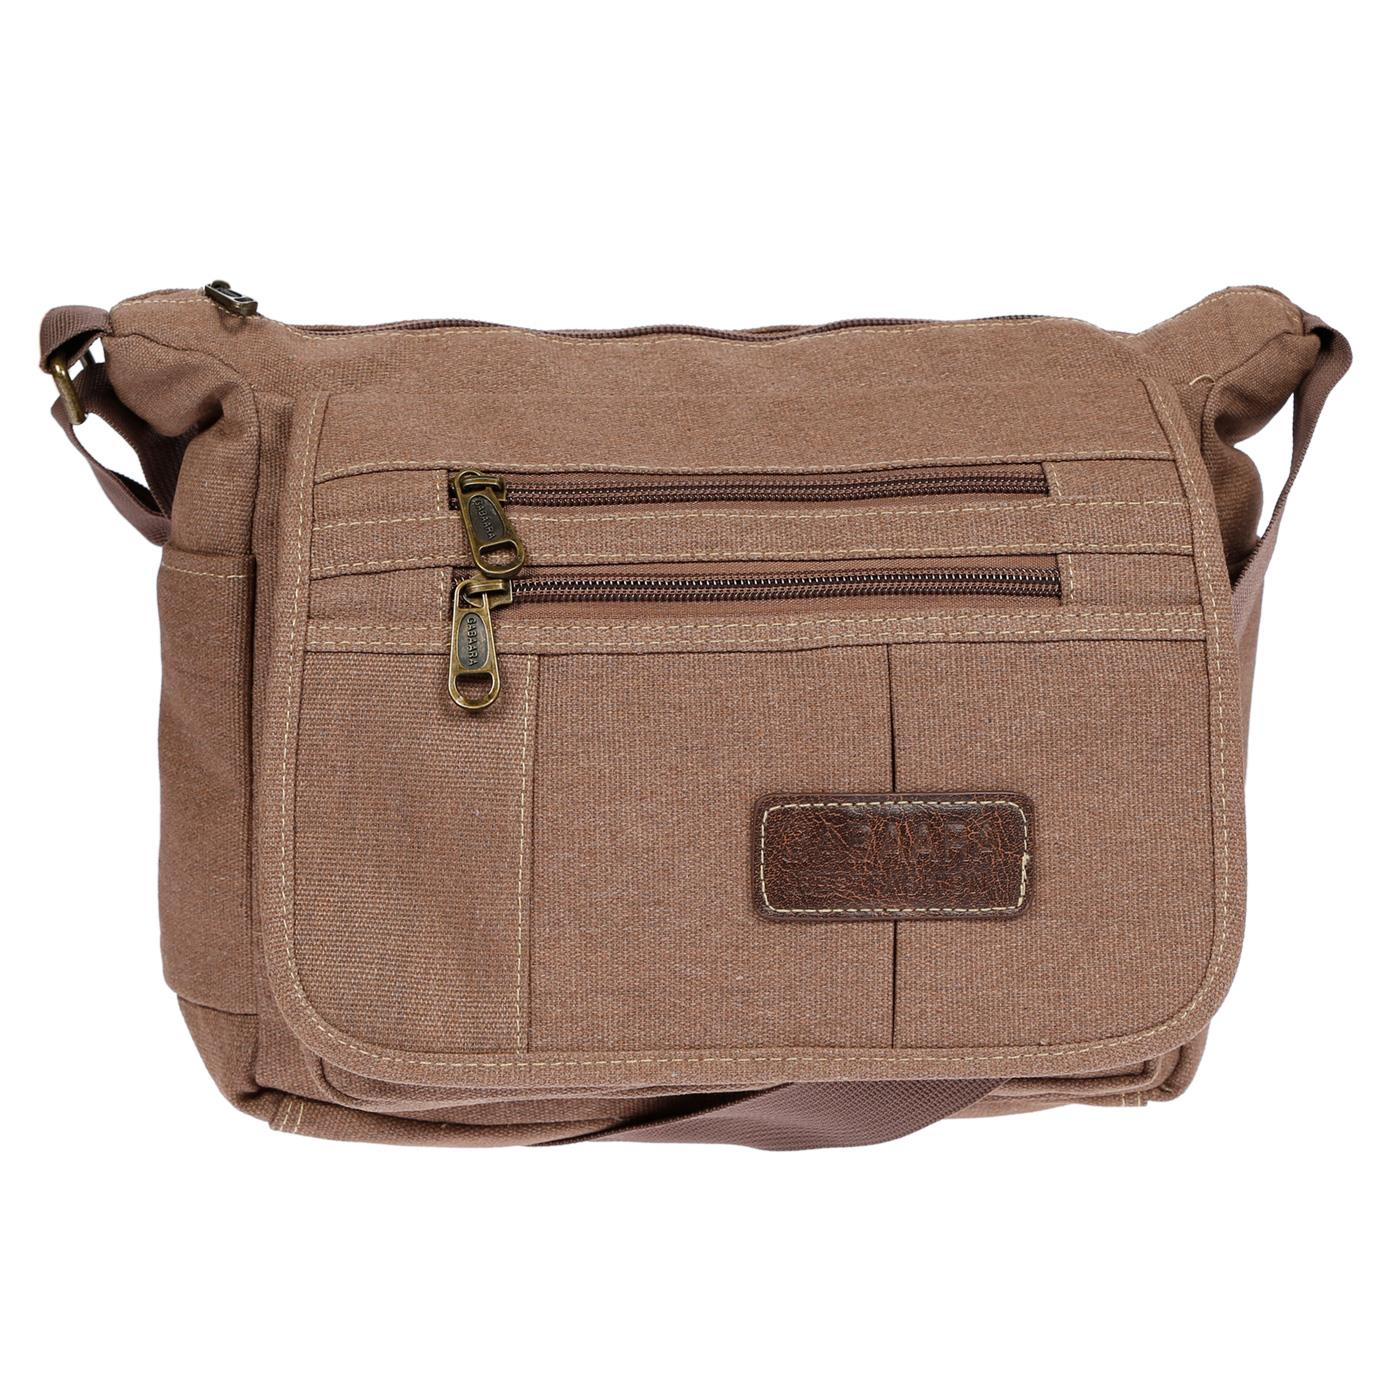 Damen-Tasche-Canvas-Umhaengetasche-Schultertasche-Crossover-Bag-Damenhandtasche Indexbild 26